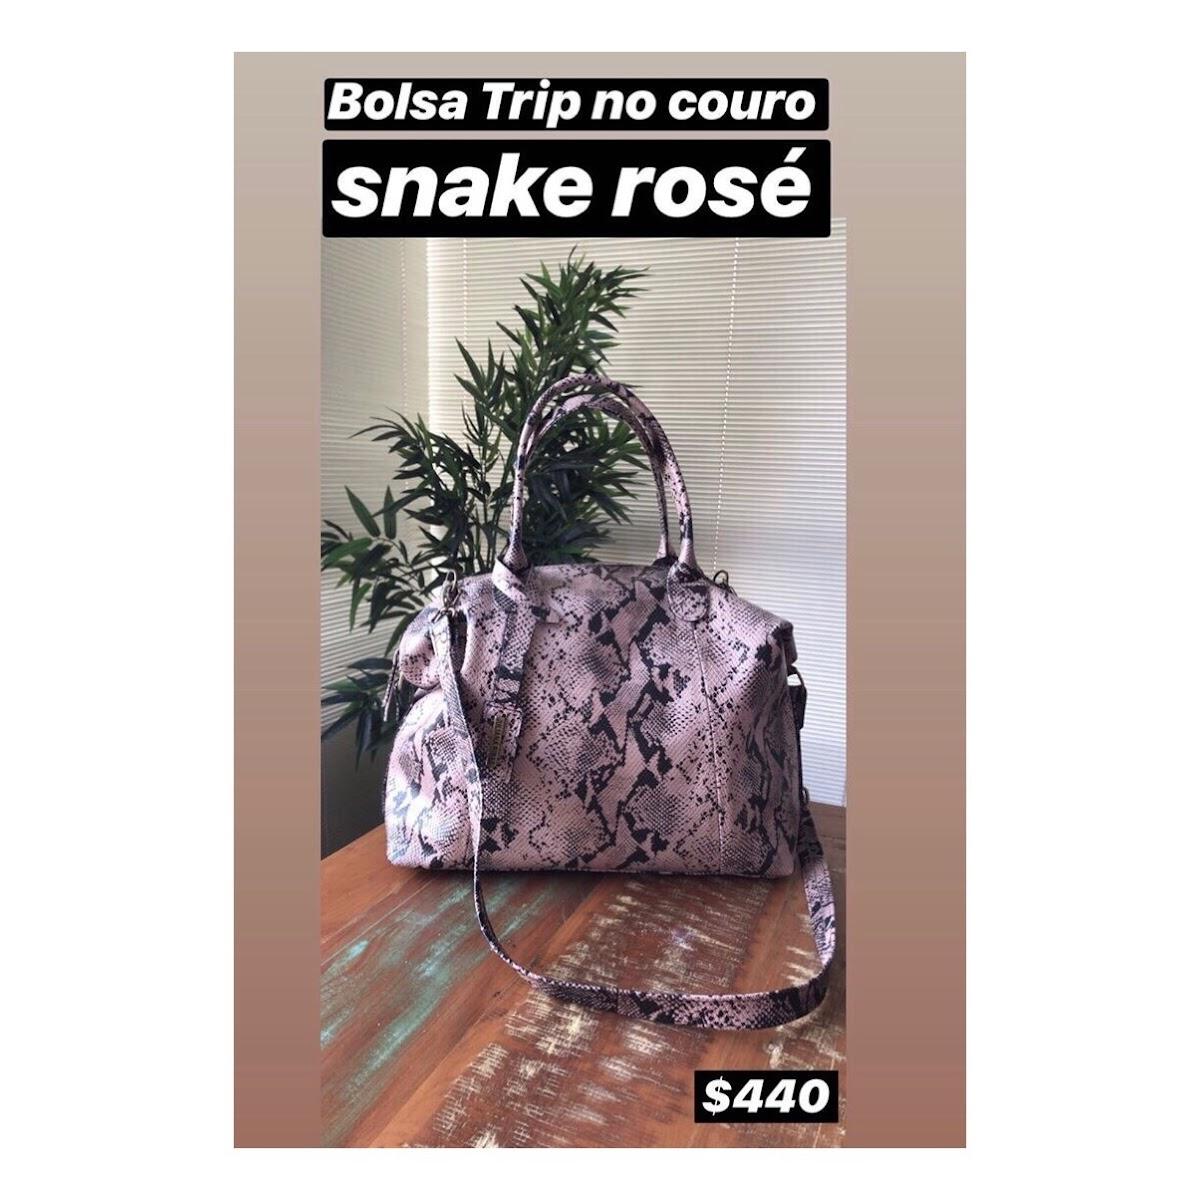 BOLSA TRIP NO COURO SNAKE ROSÉ